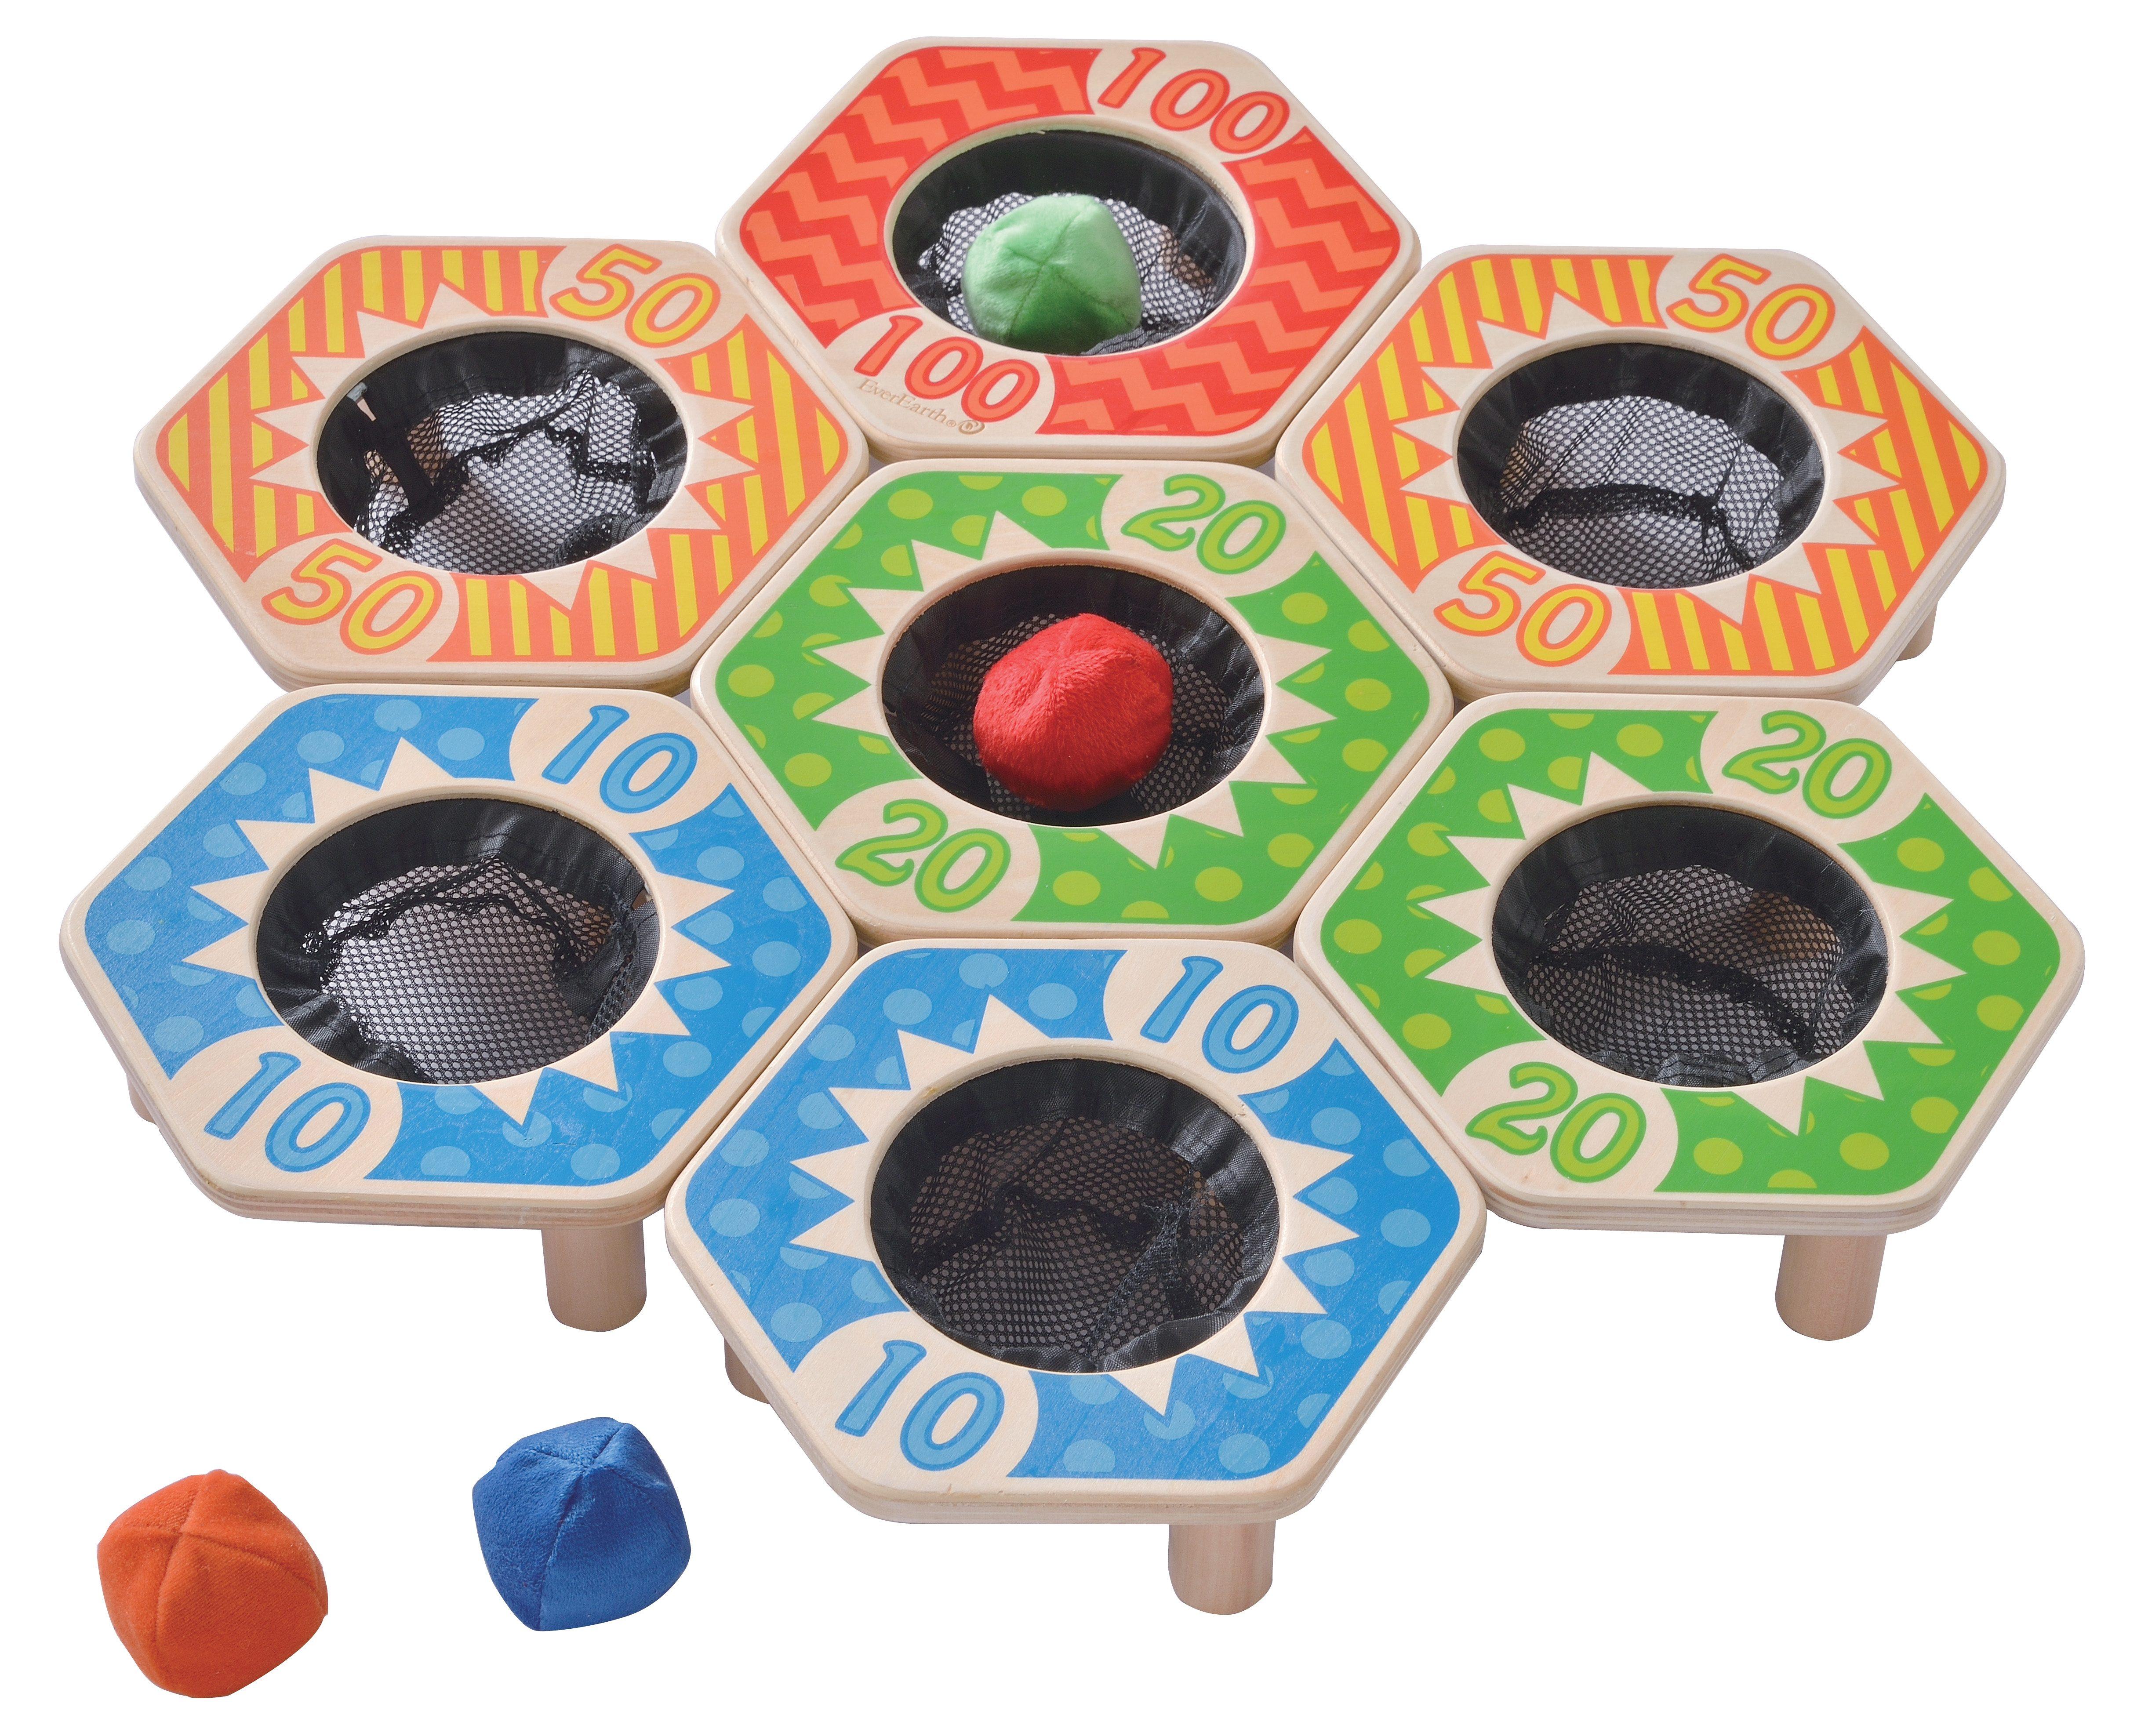 EverEarth Holz-Spiel Wurf-Ball-Spiel Preisvergleich